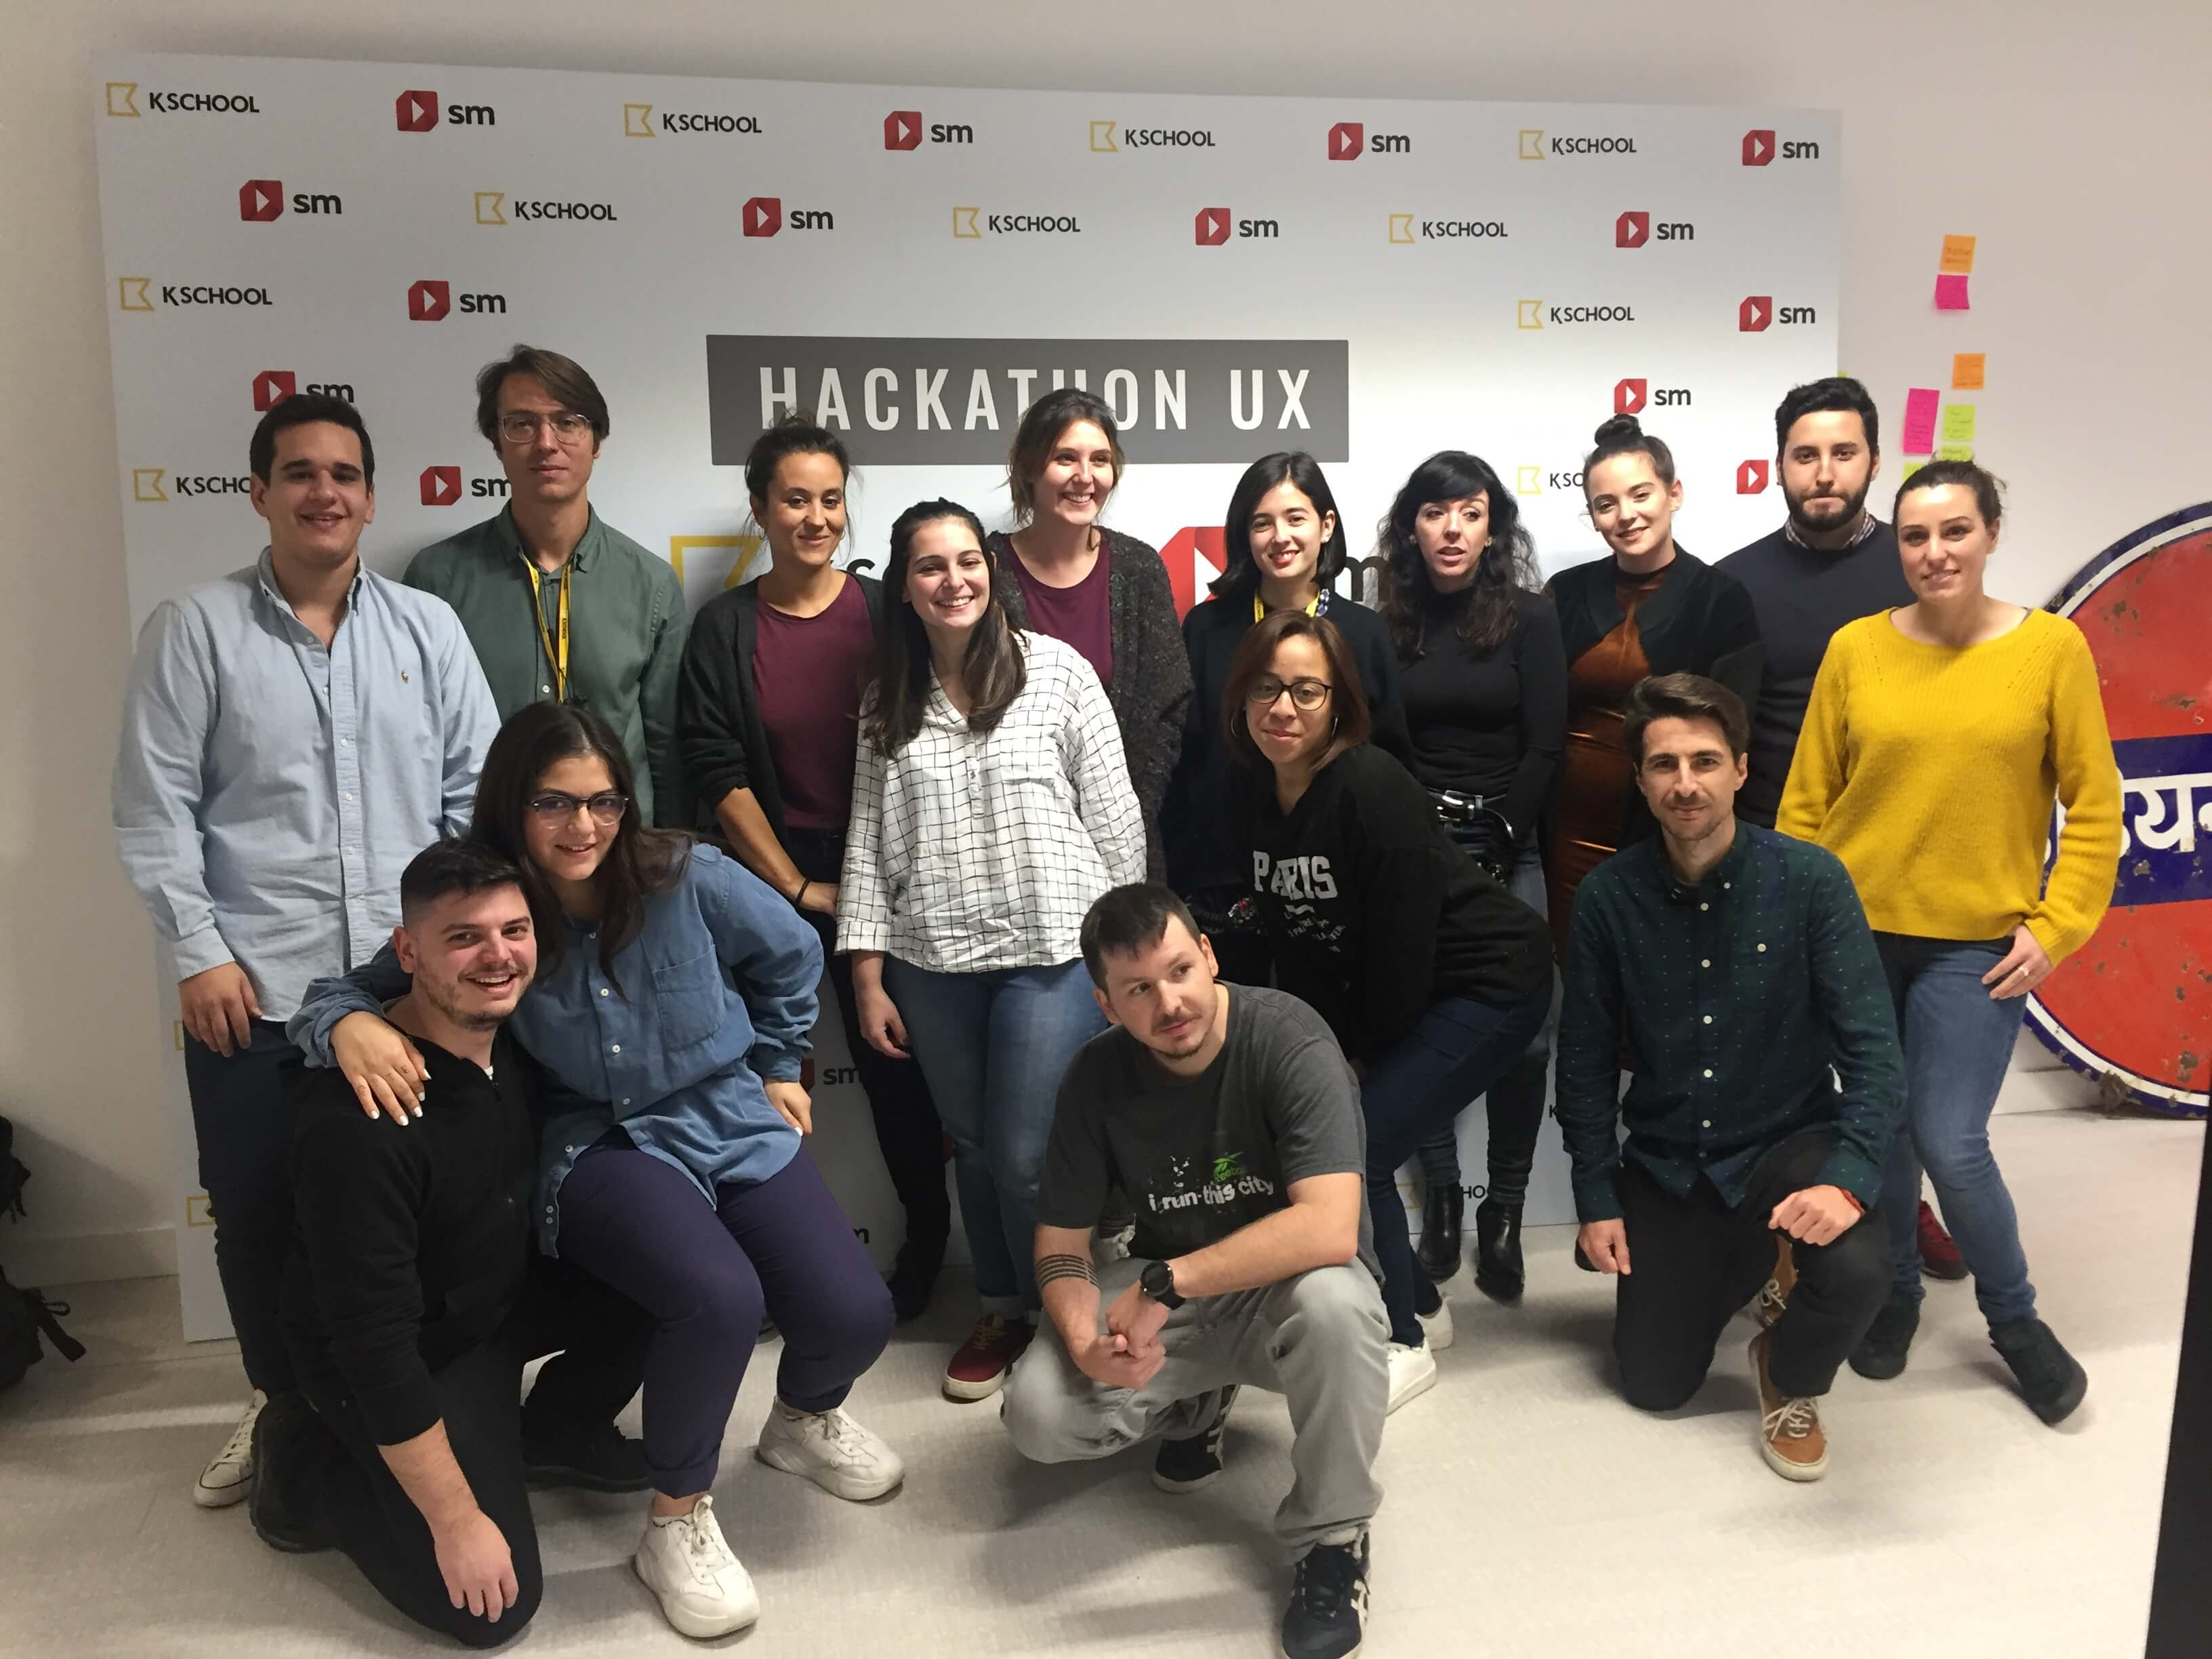 Hackathon KSchool & SM